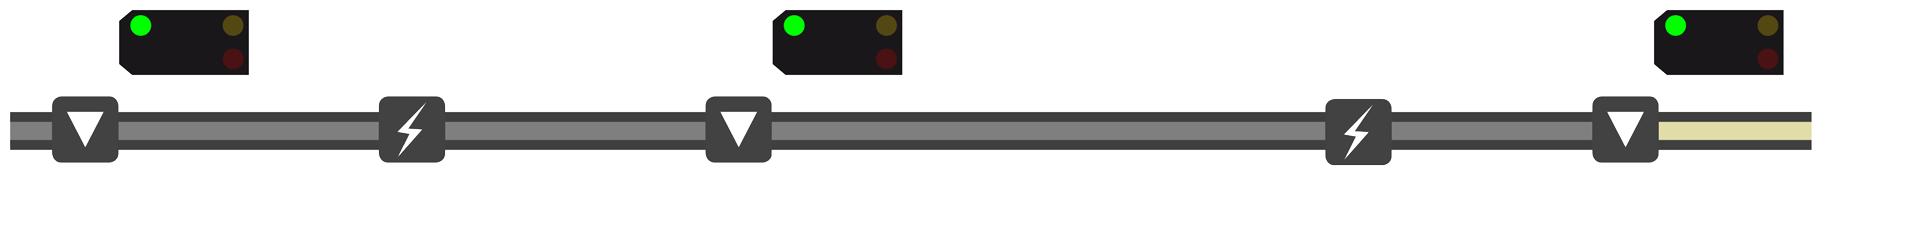 Visualisierung der ALAN Blocksignalisierung - Bild 02 von 18